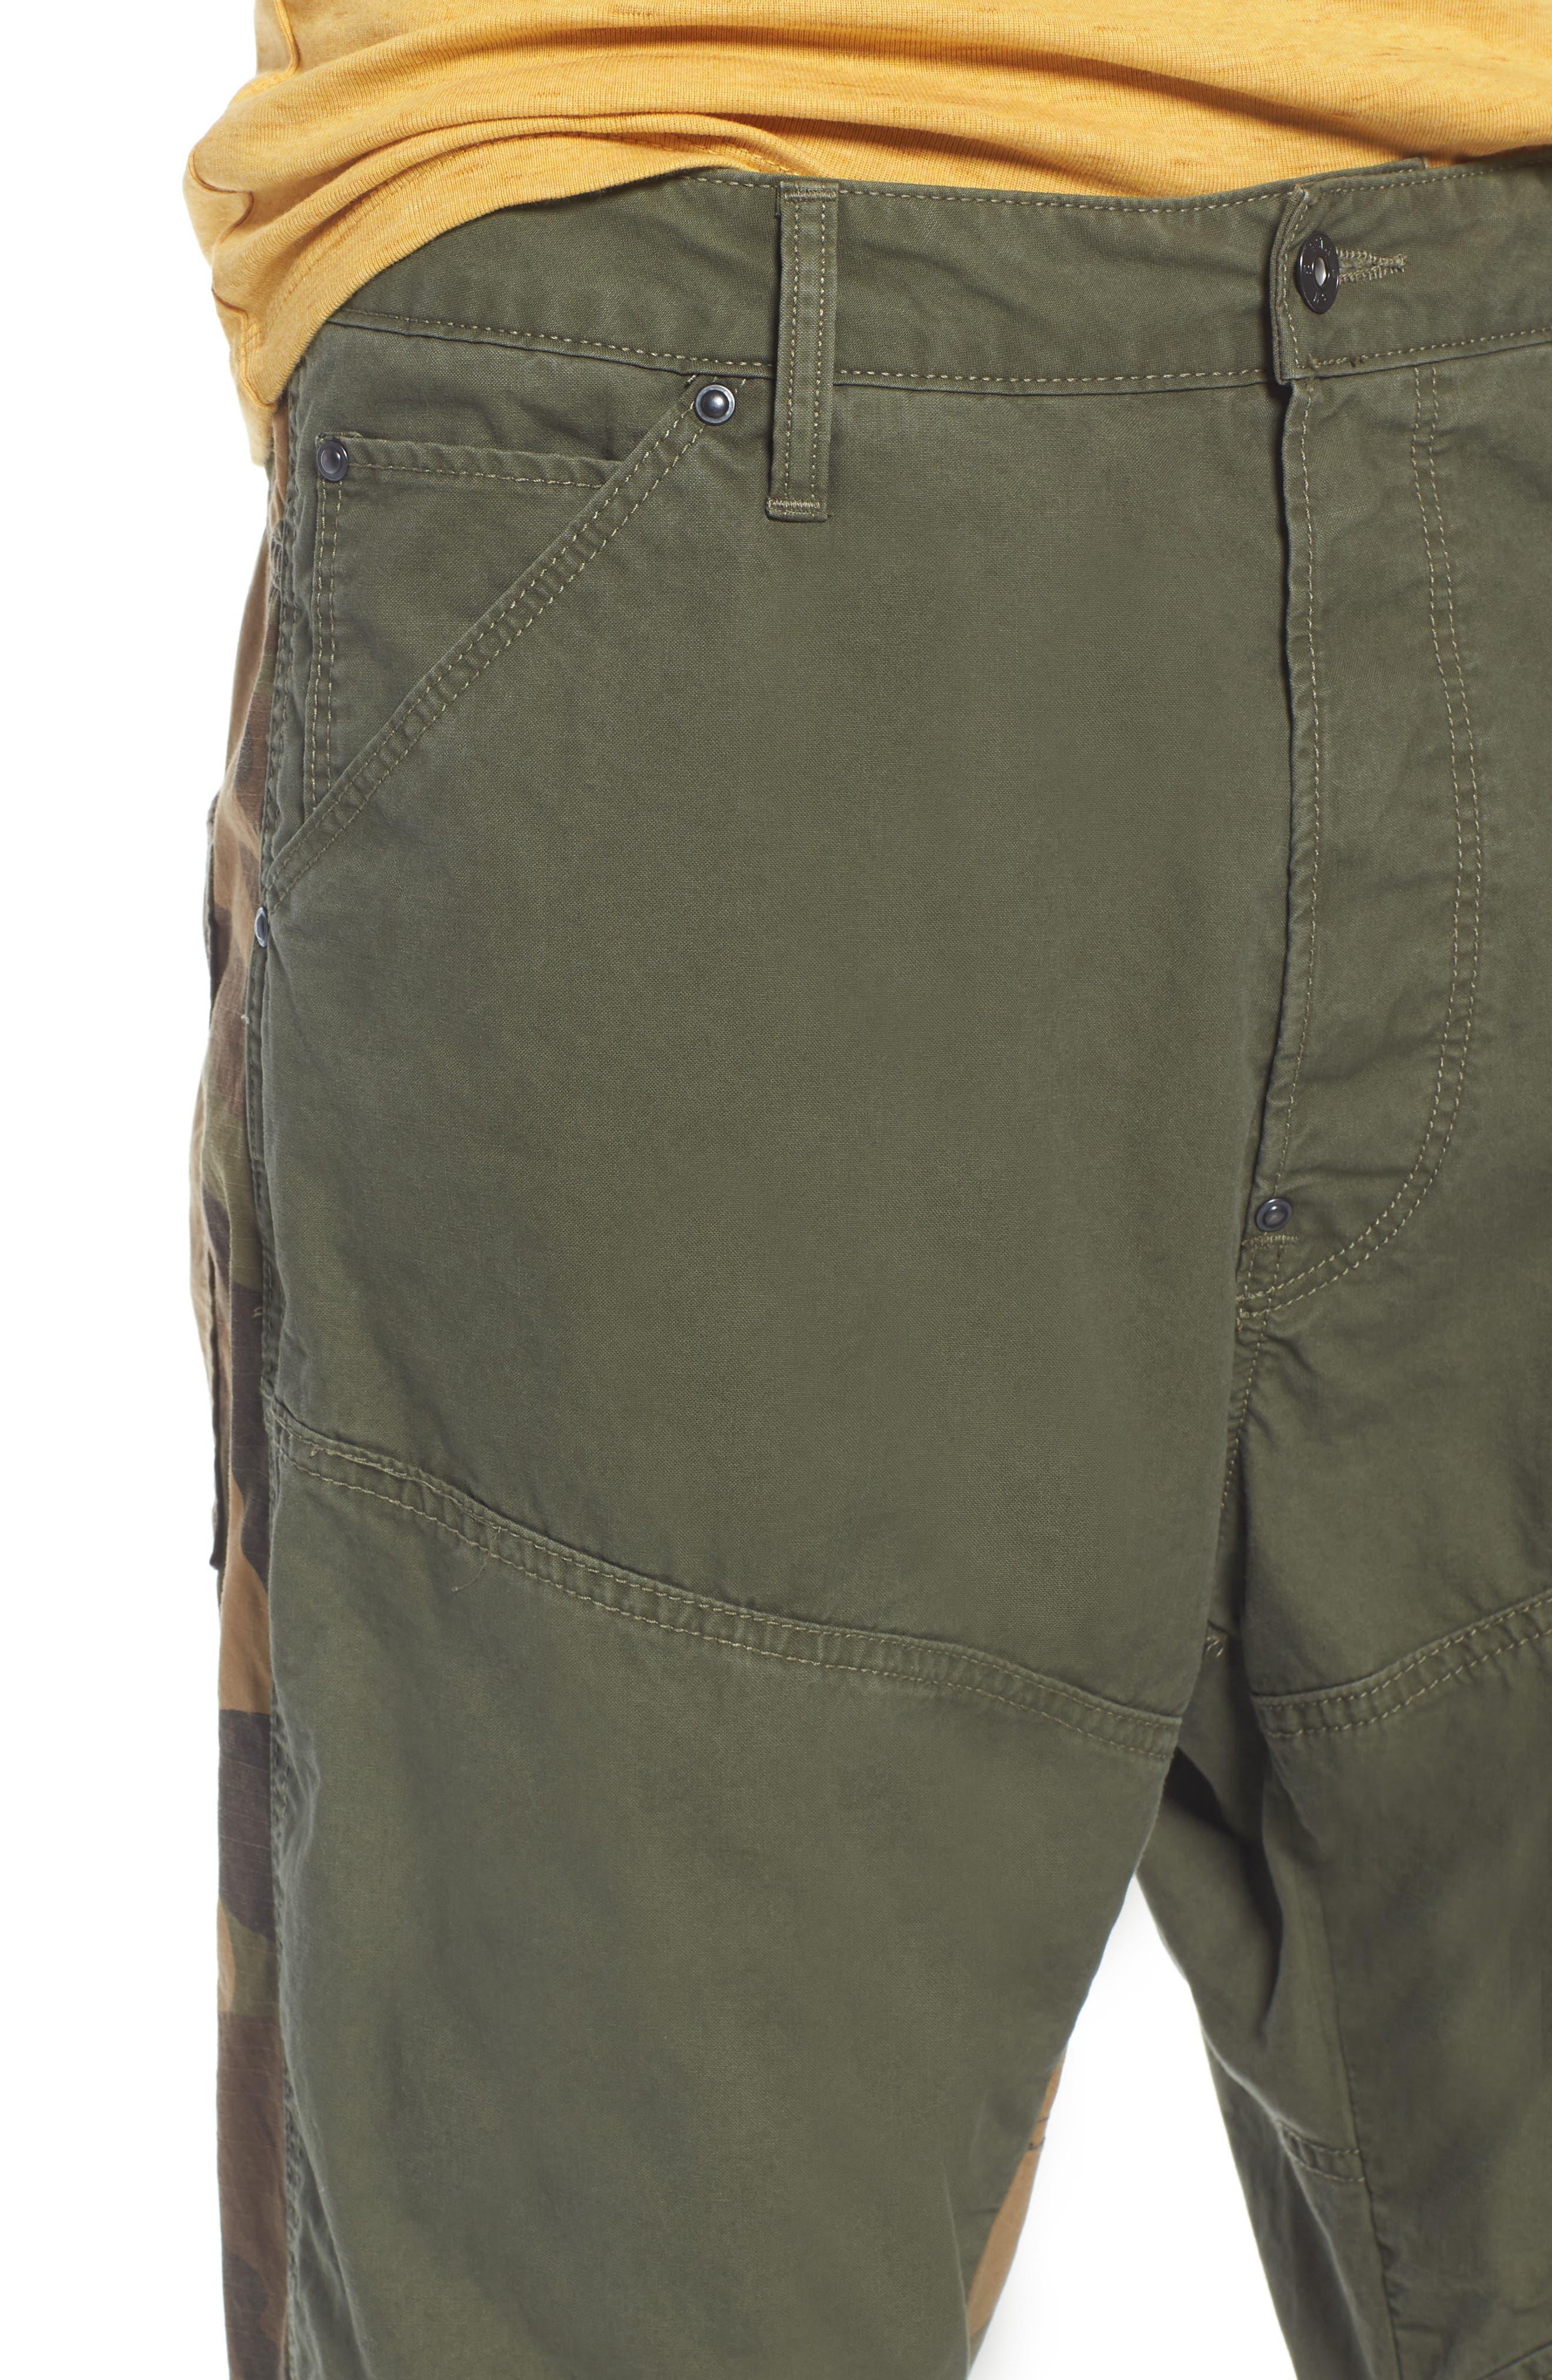 5620 SPM 3D Pants,                             Alternate thumbnail 4, color,                             300